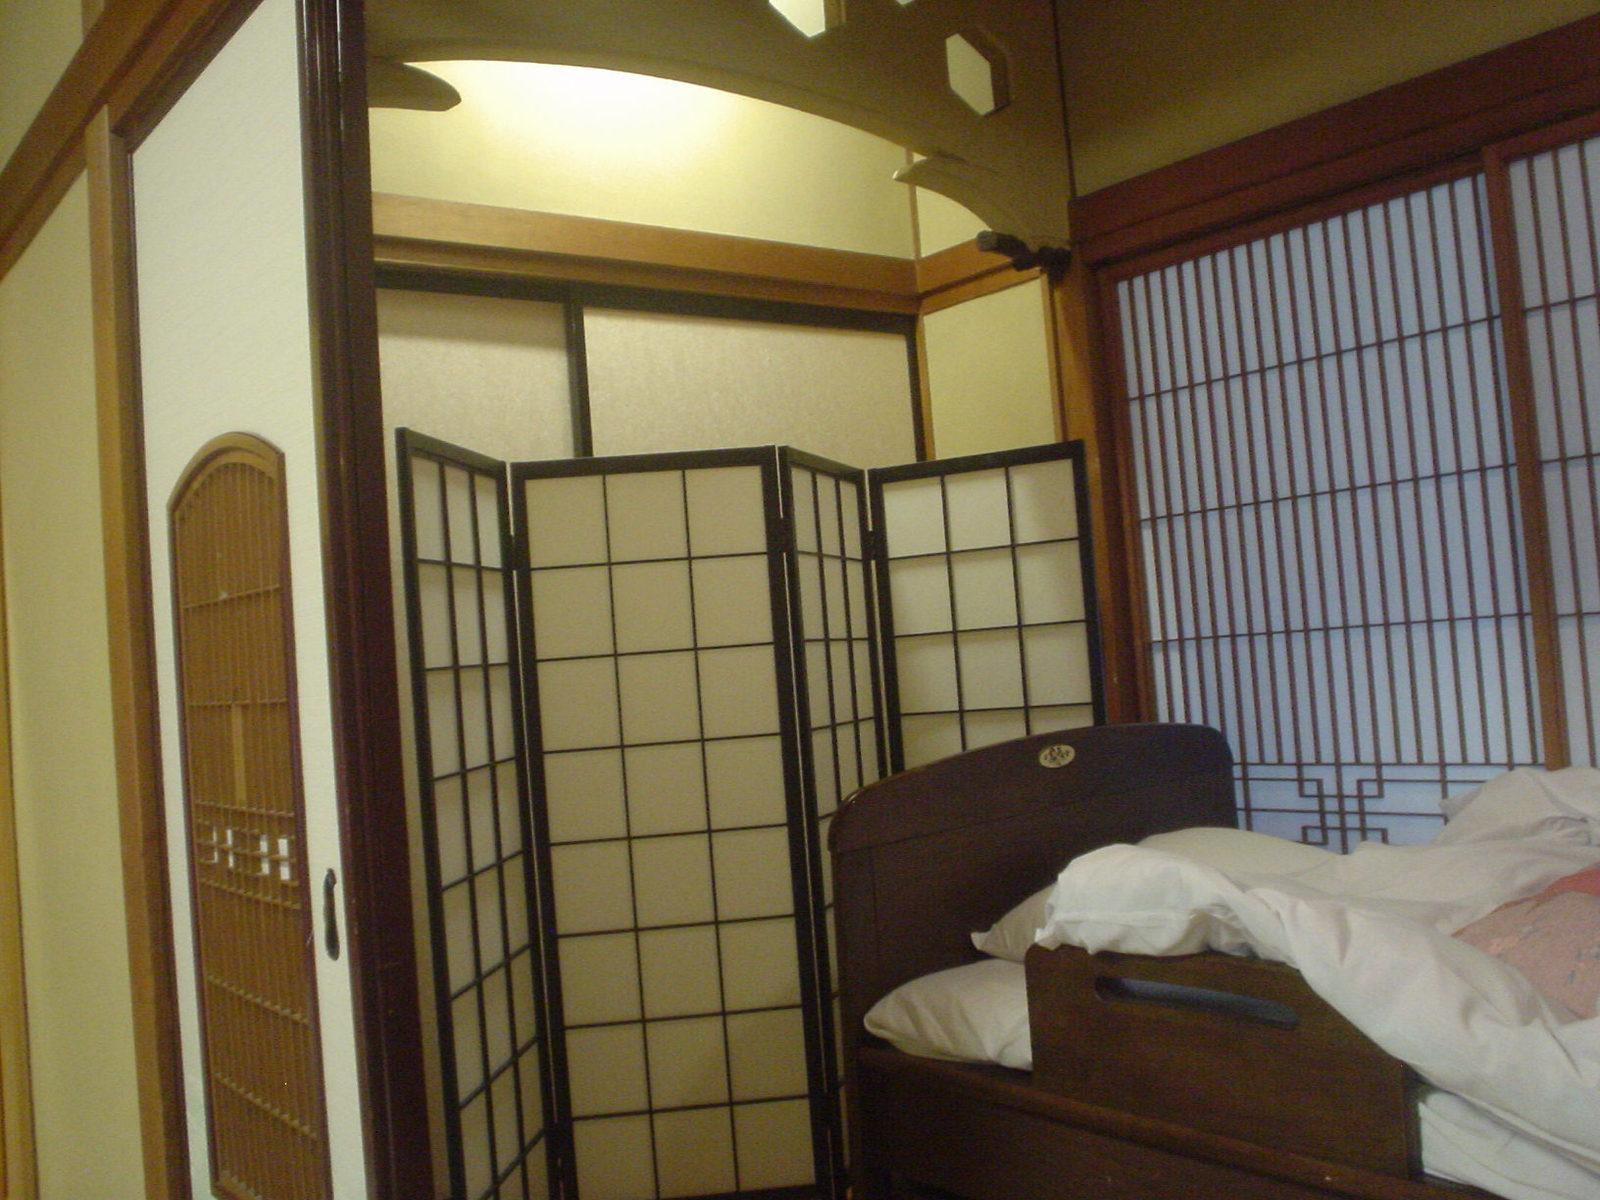 和室に置かれたベッドはバリアフリーのため